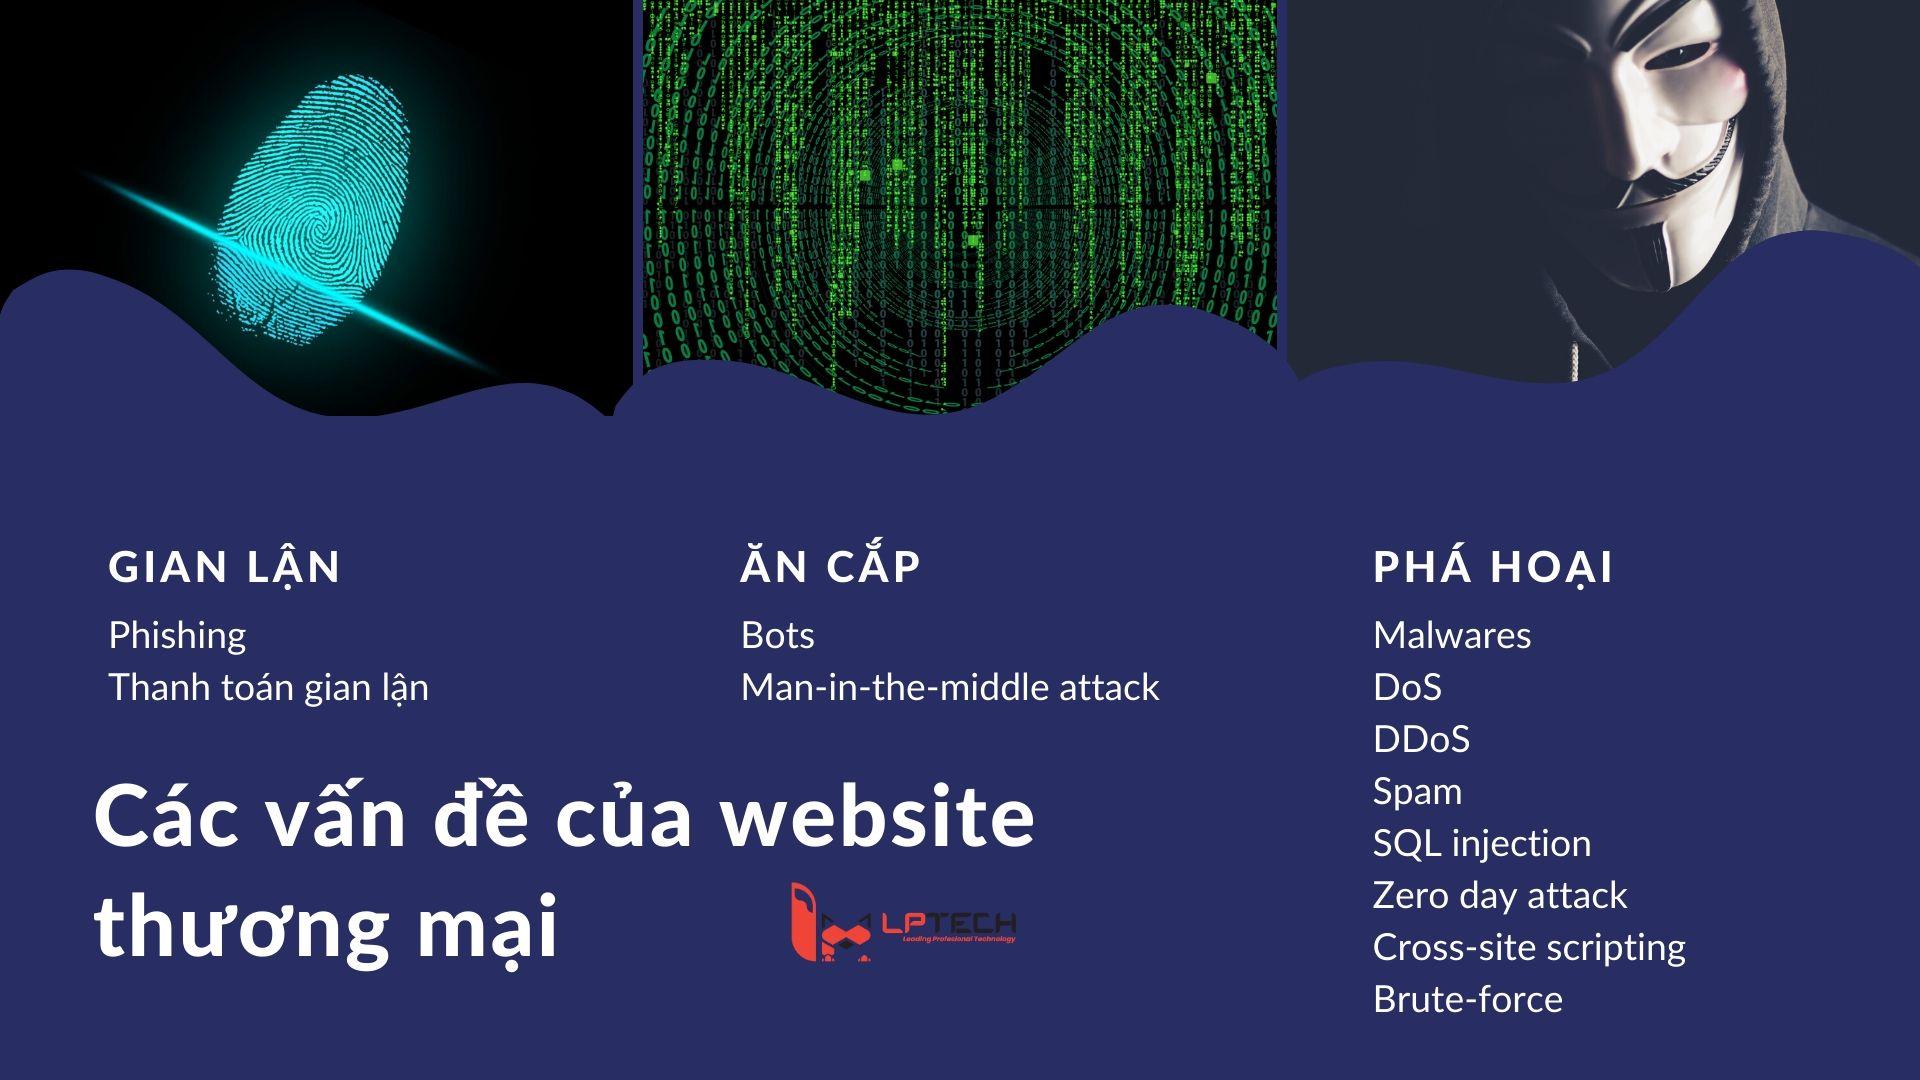 Vấn đề bảo mật của website thương mại